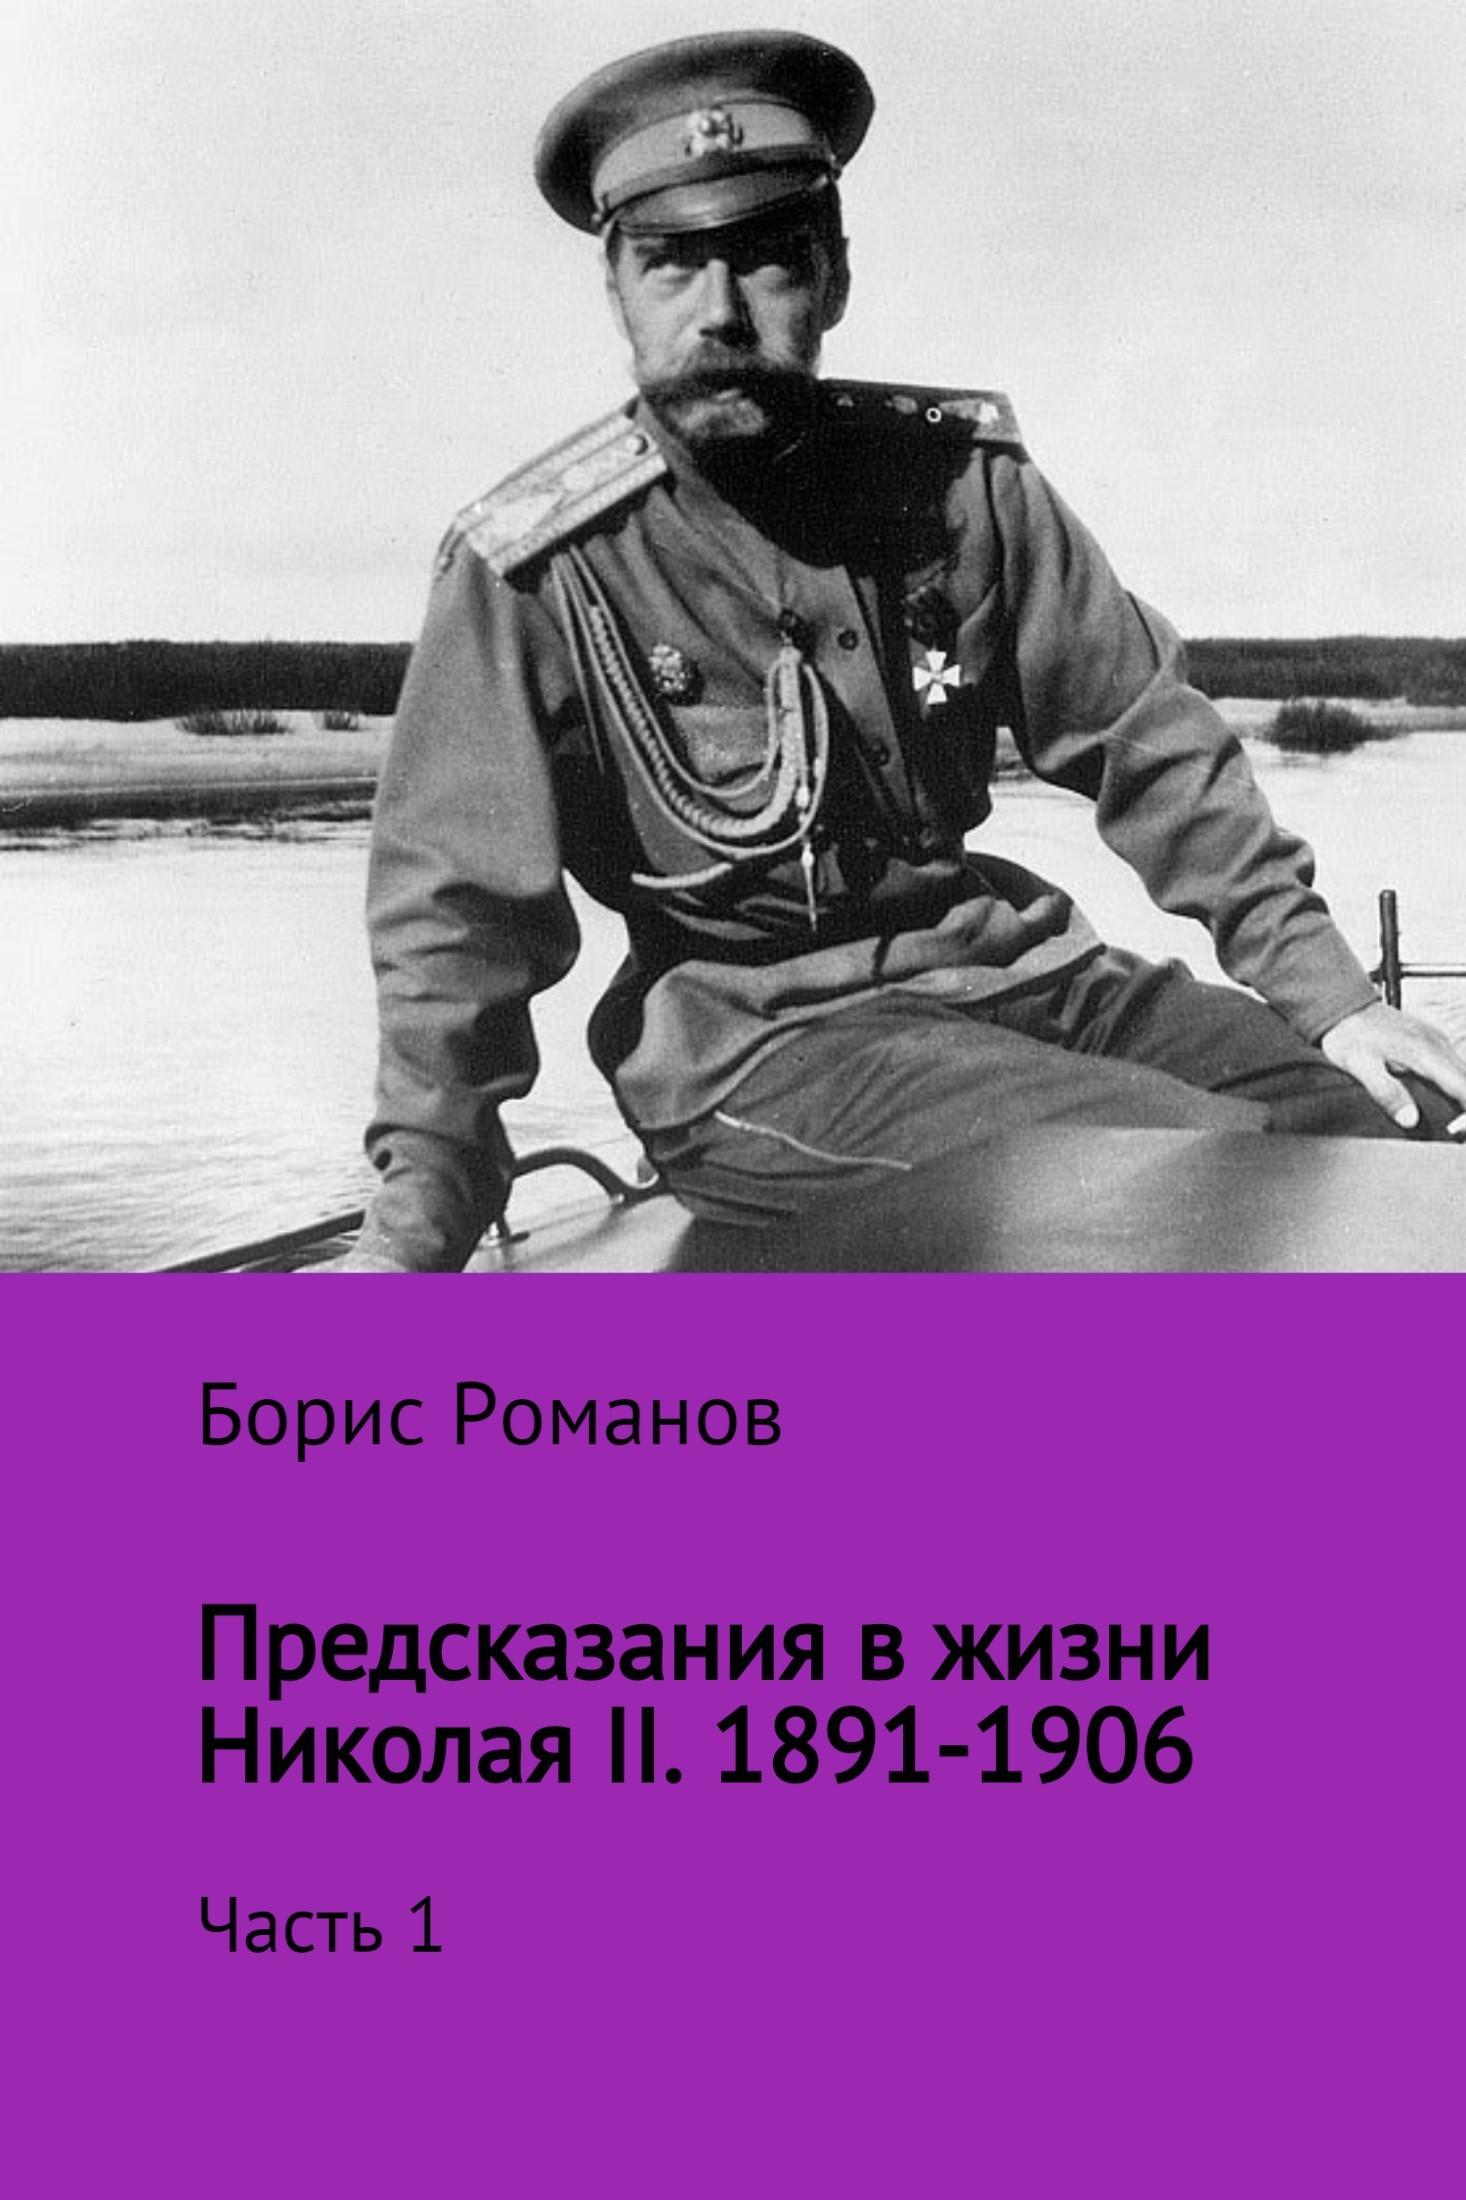 Борис Романов - Предсказания в жизни Николая II. Часть 1. 1891-1906 гг.